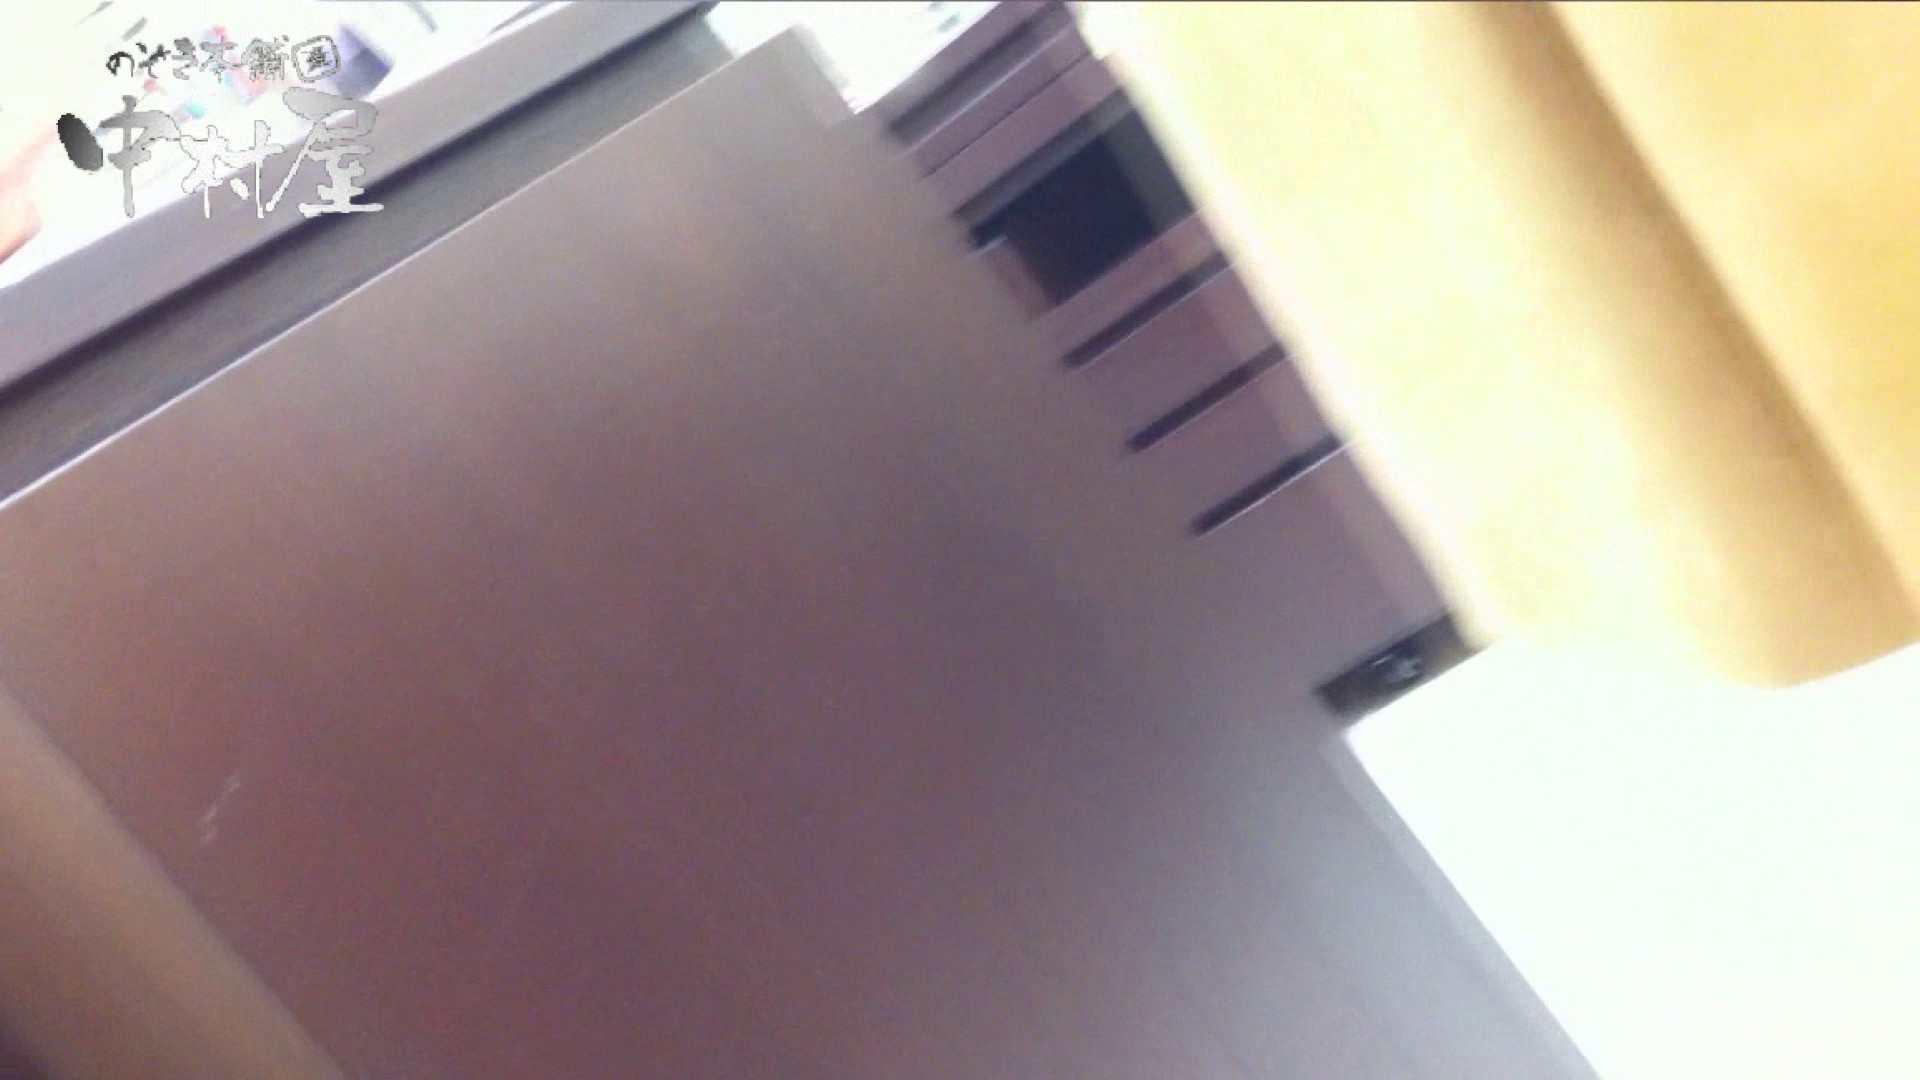 vol.49 可愛いカリスマ店員‼胸チラ&パンチラ お嬢様系店員さん チラ見えで興奮  10枚 8